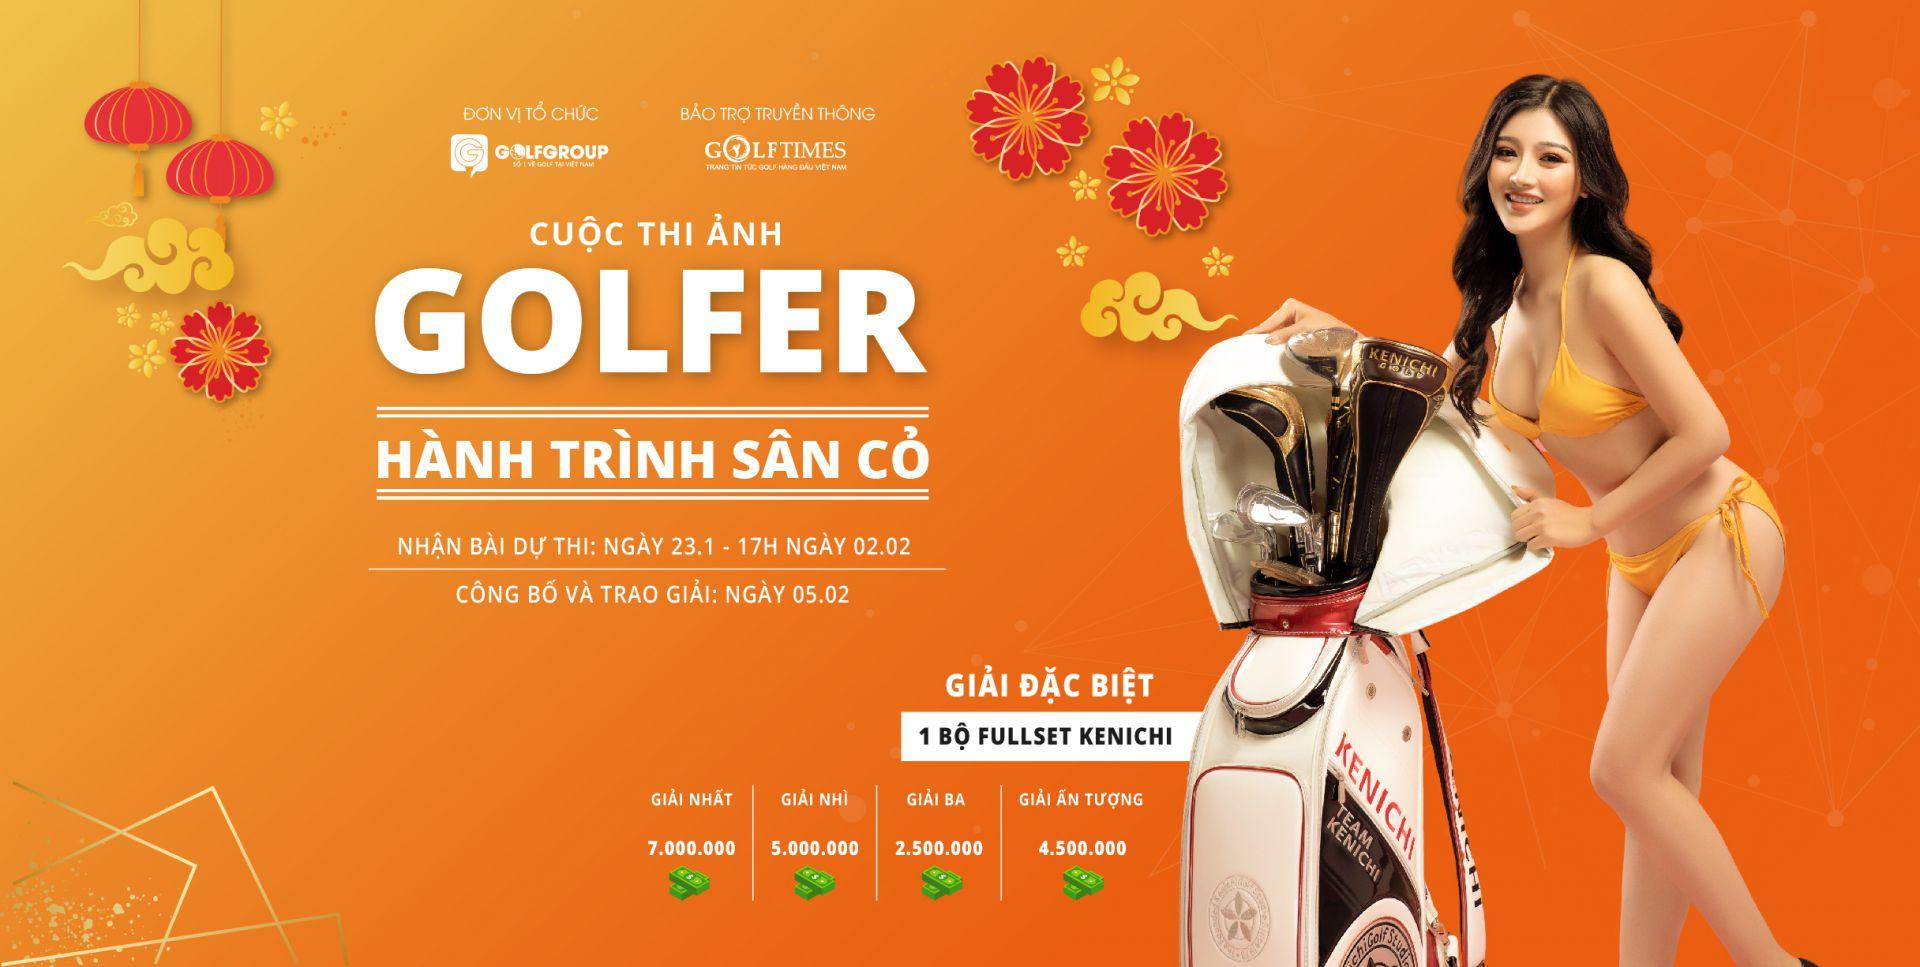 Chào xuân Canh Ty - Golfgroup rầm rộ tổ chức cuộc thi ảnh Golfer: HÀNH TRÌNH SÂN CỎ